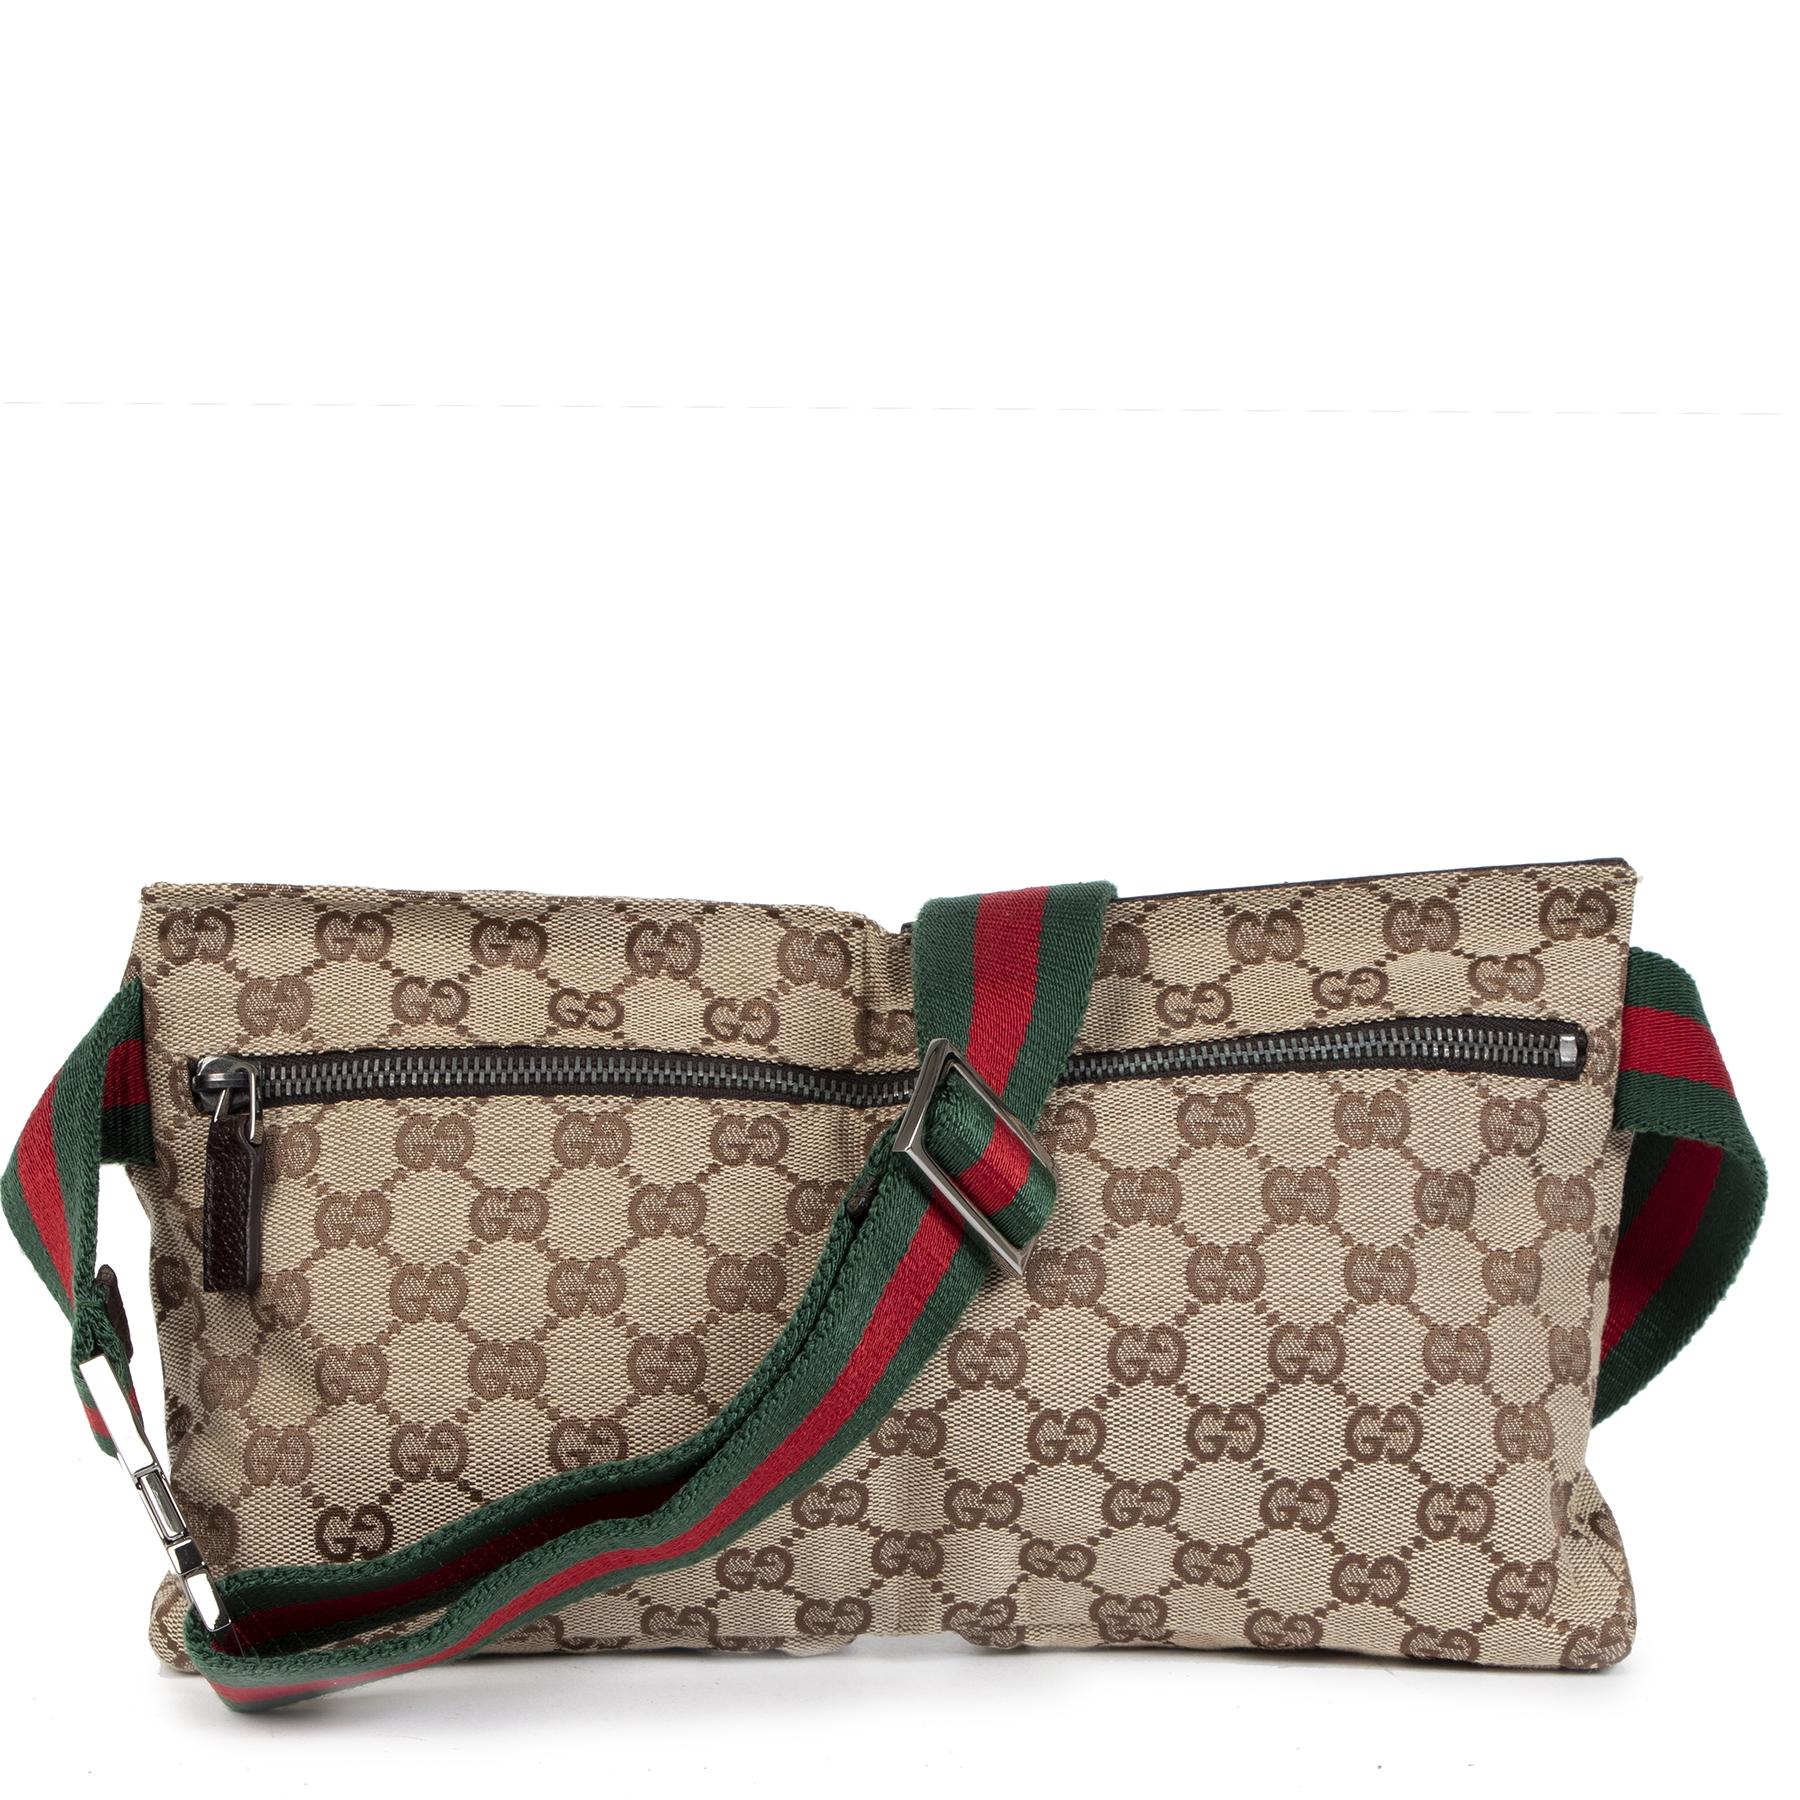 Authentique seconde-main vintage Gucci Beige GG Pattern Supreme Belt Bag achète en ligne webshop LabelLOV